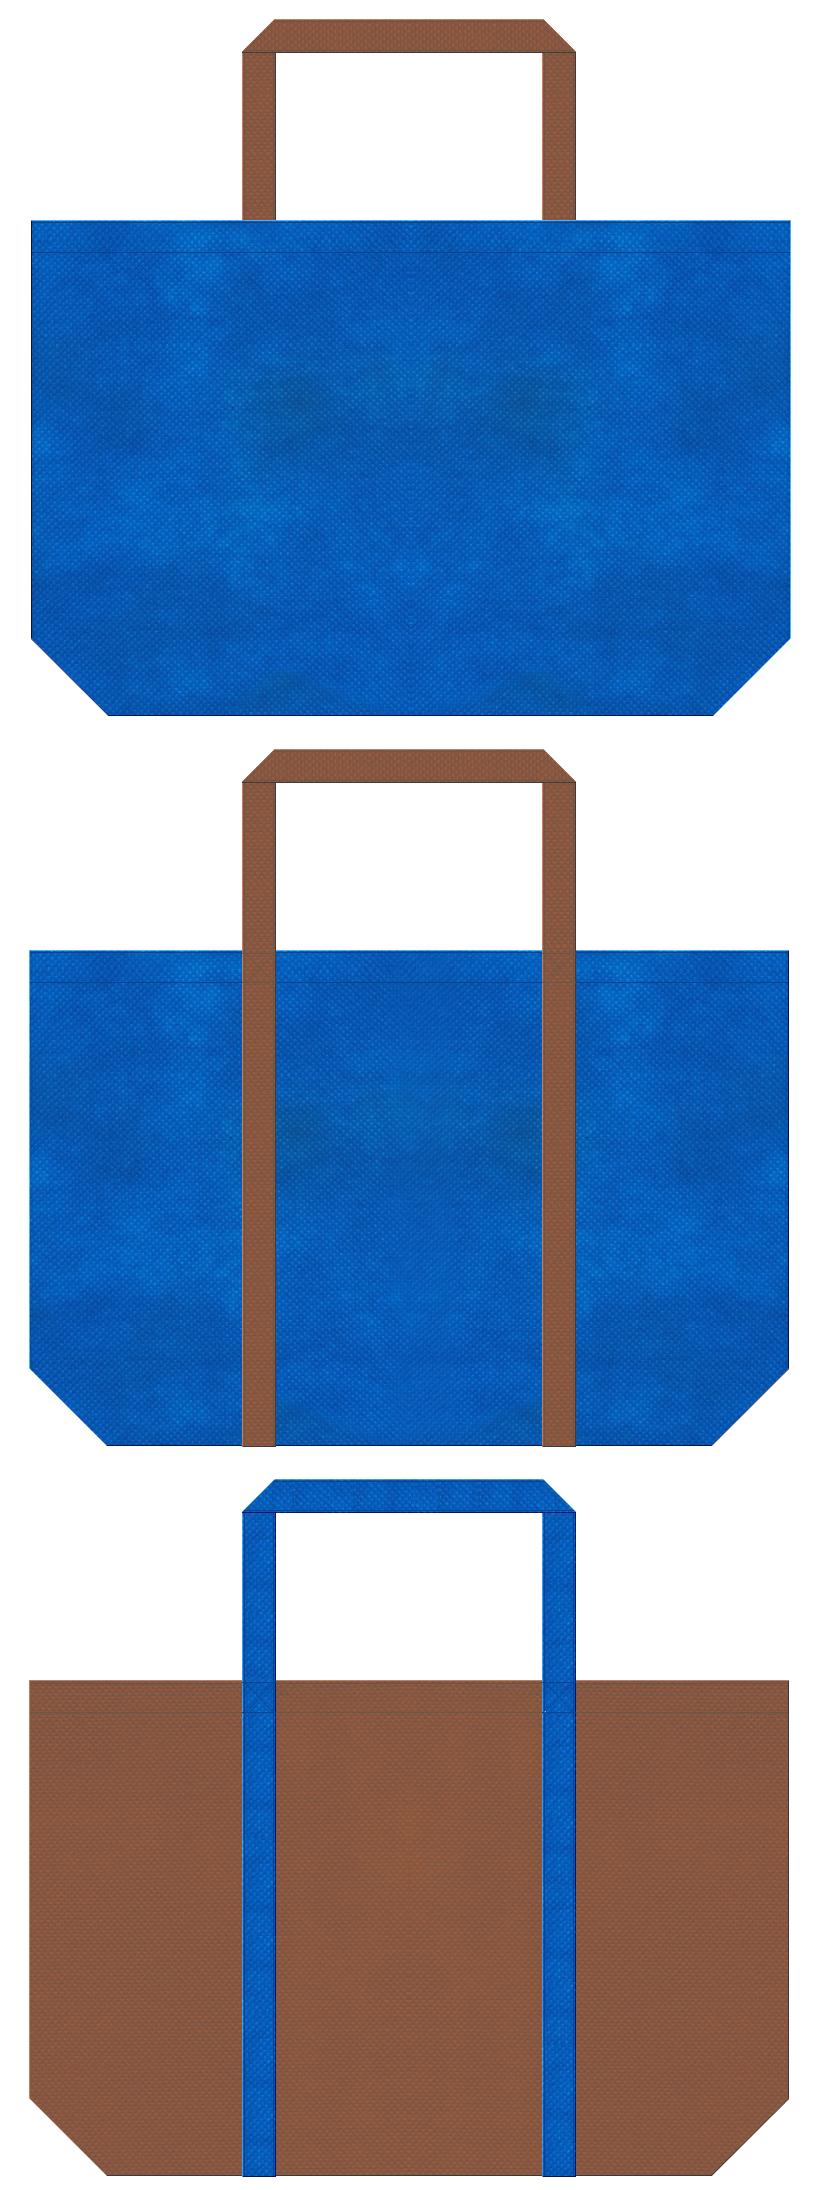 不織布トートバッグ 舟底タイプ 不織布カラーNo.22スカイブルーとNo.7コーヒーブラウンの組み合わせ